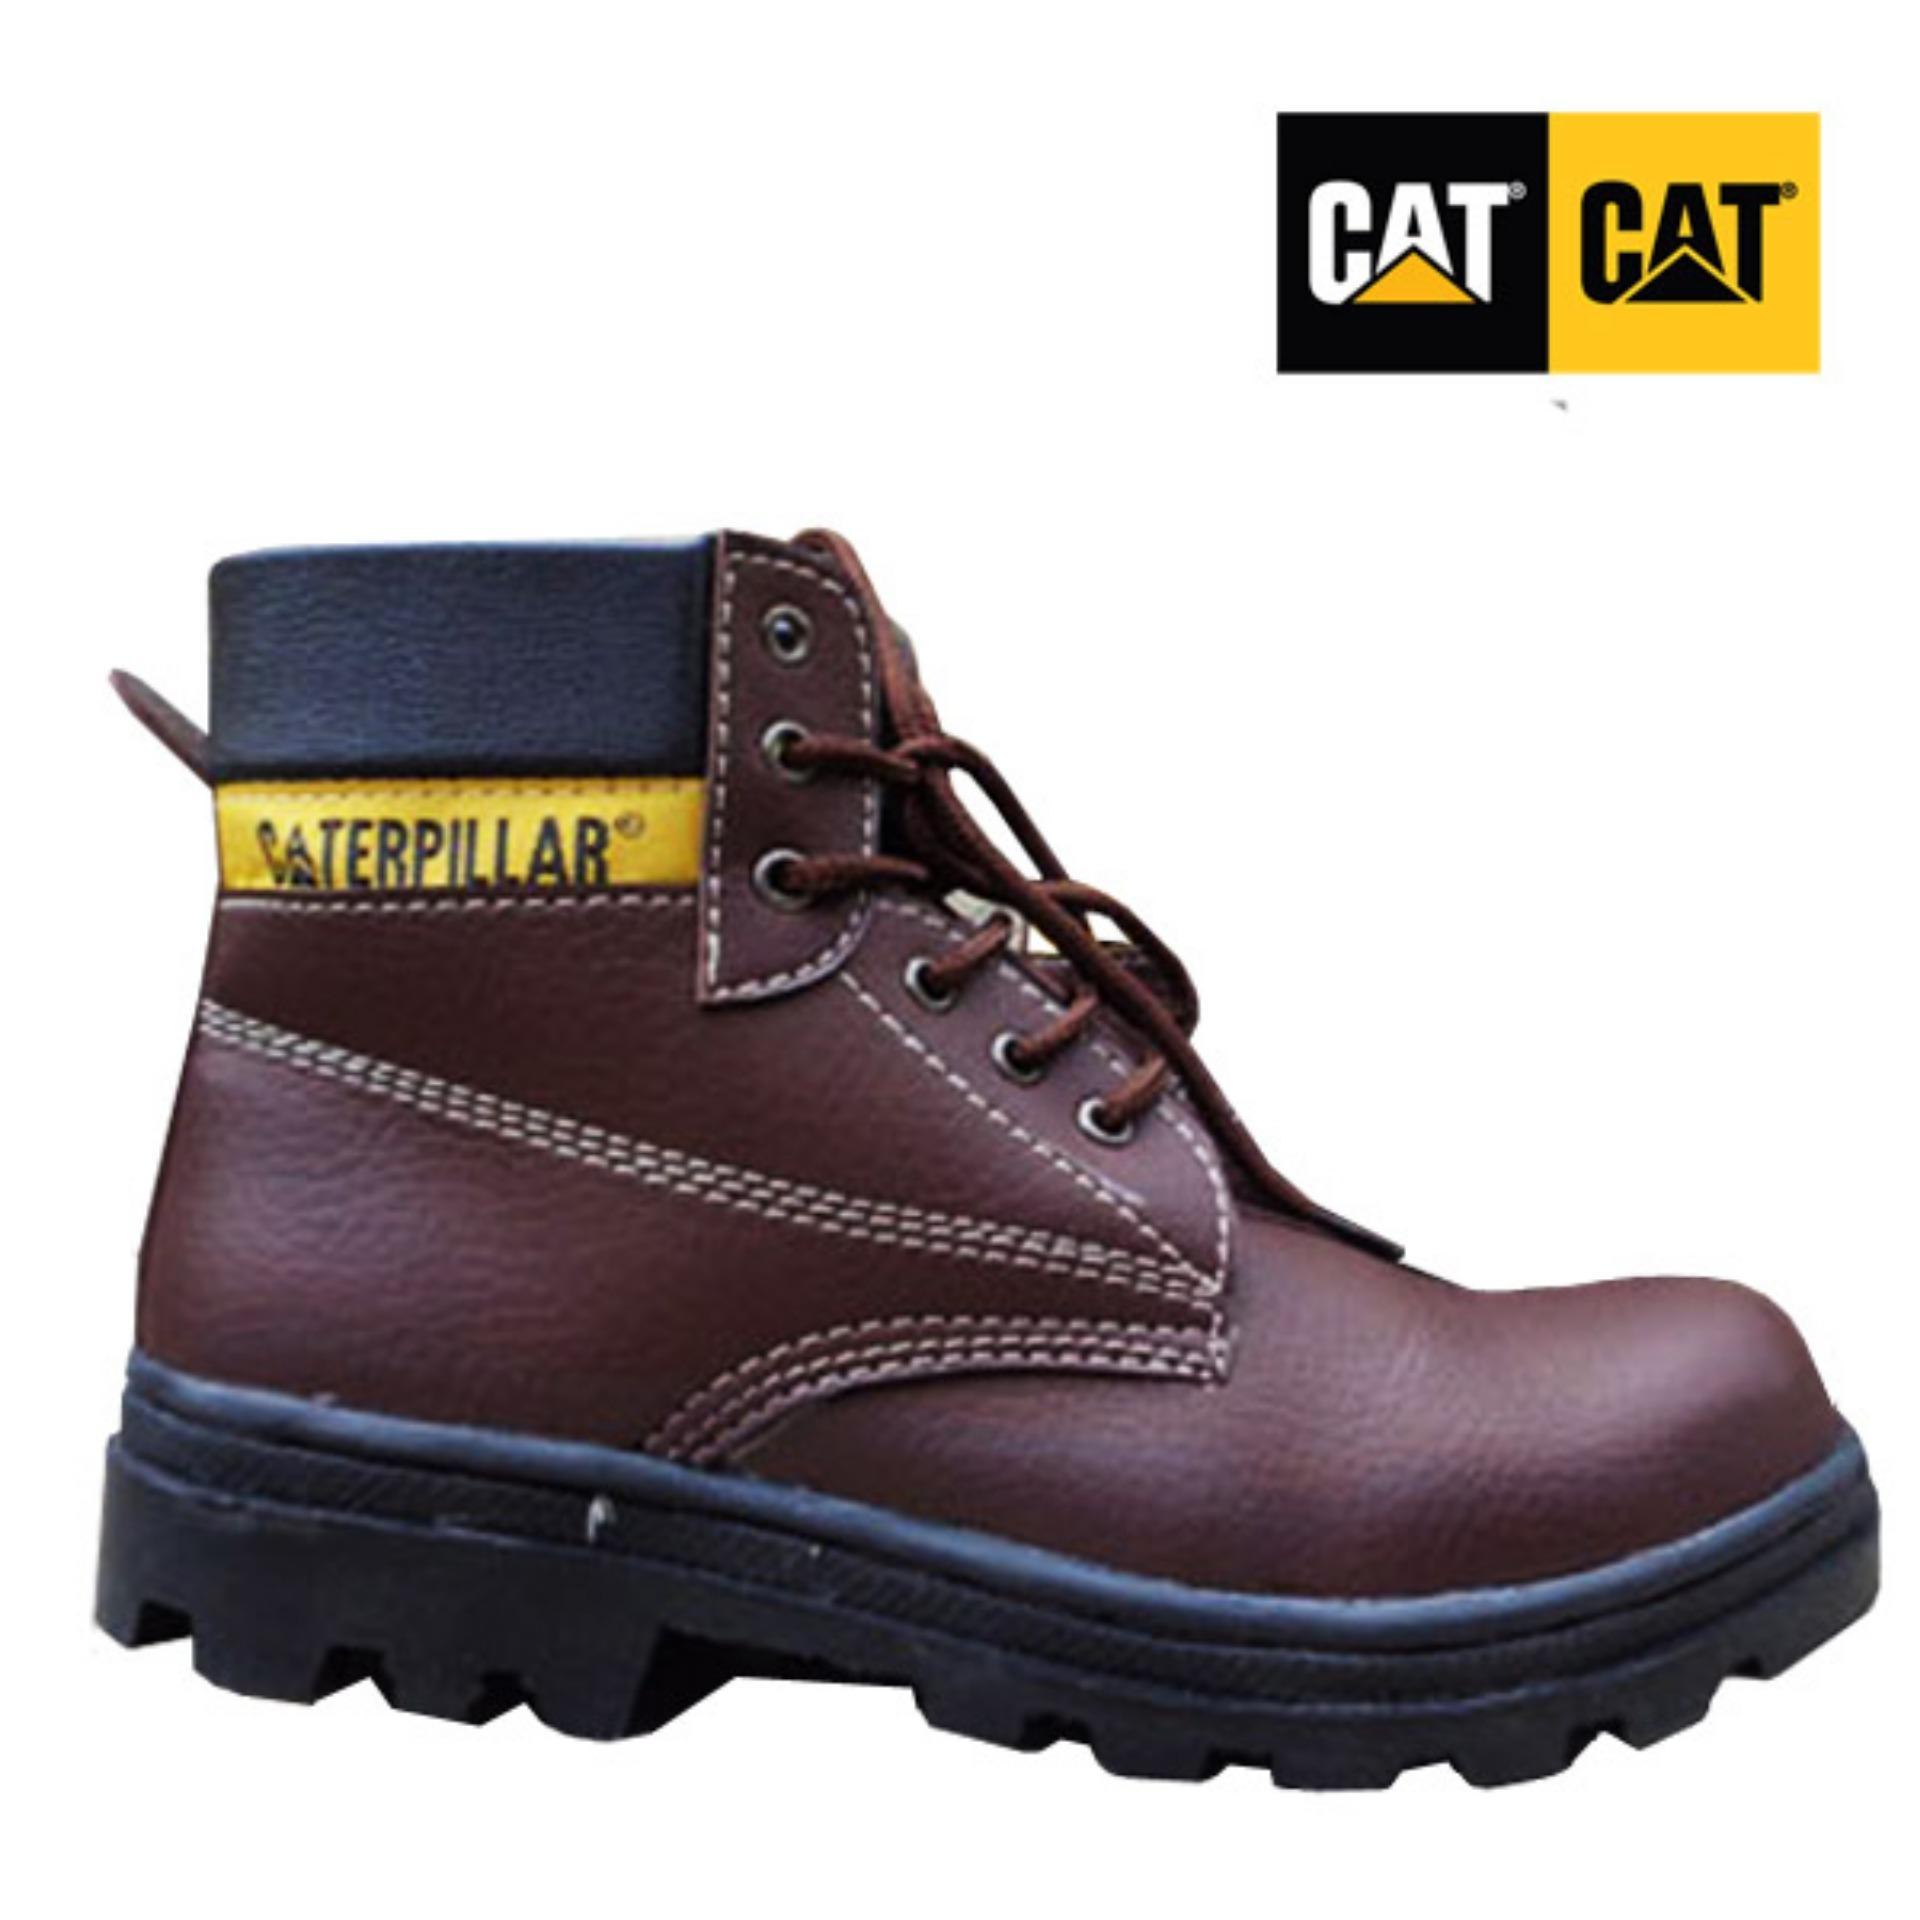 Caterpillar sepatu pria caterpillar sepatu safety caterpillar safety boots b8e5f36827